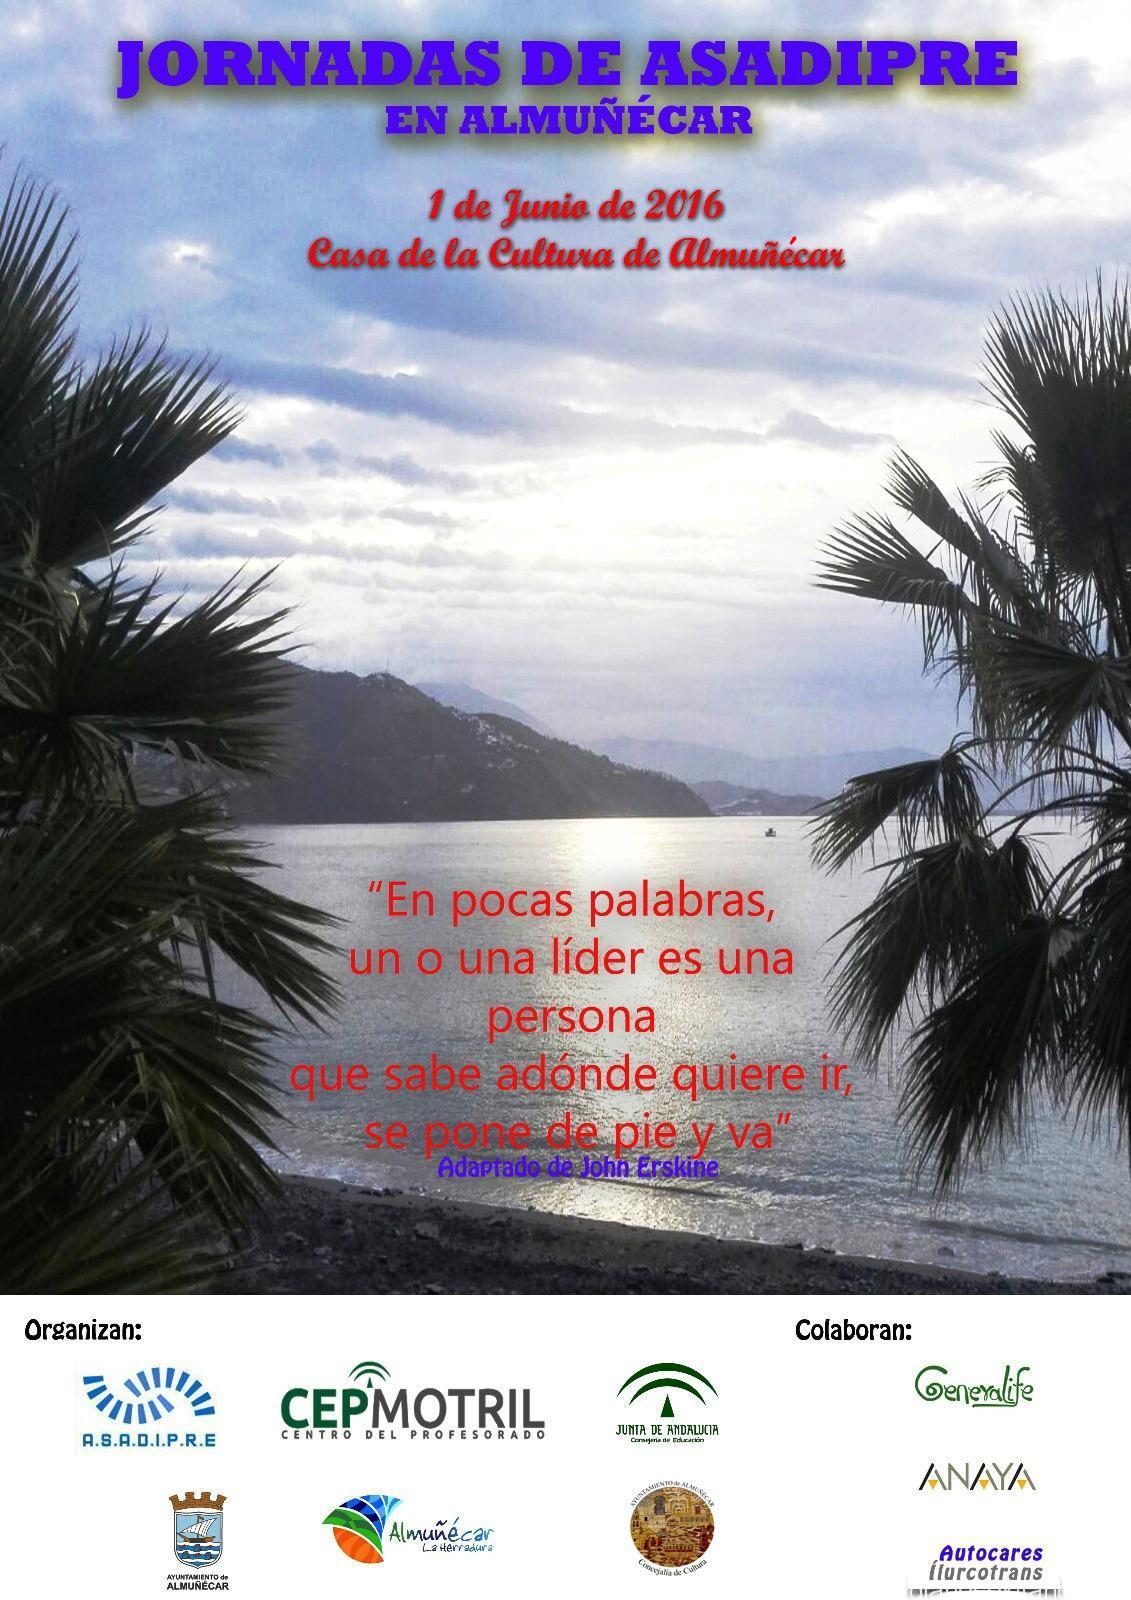 JORNADA DIRECTORES EN ALMUÑECAR 16